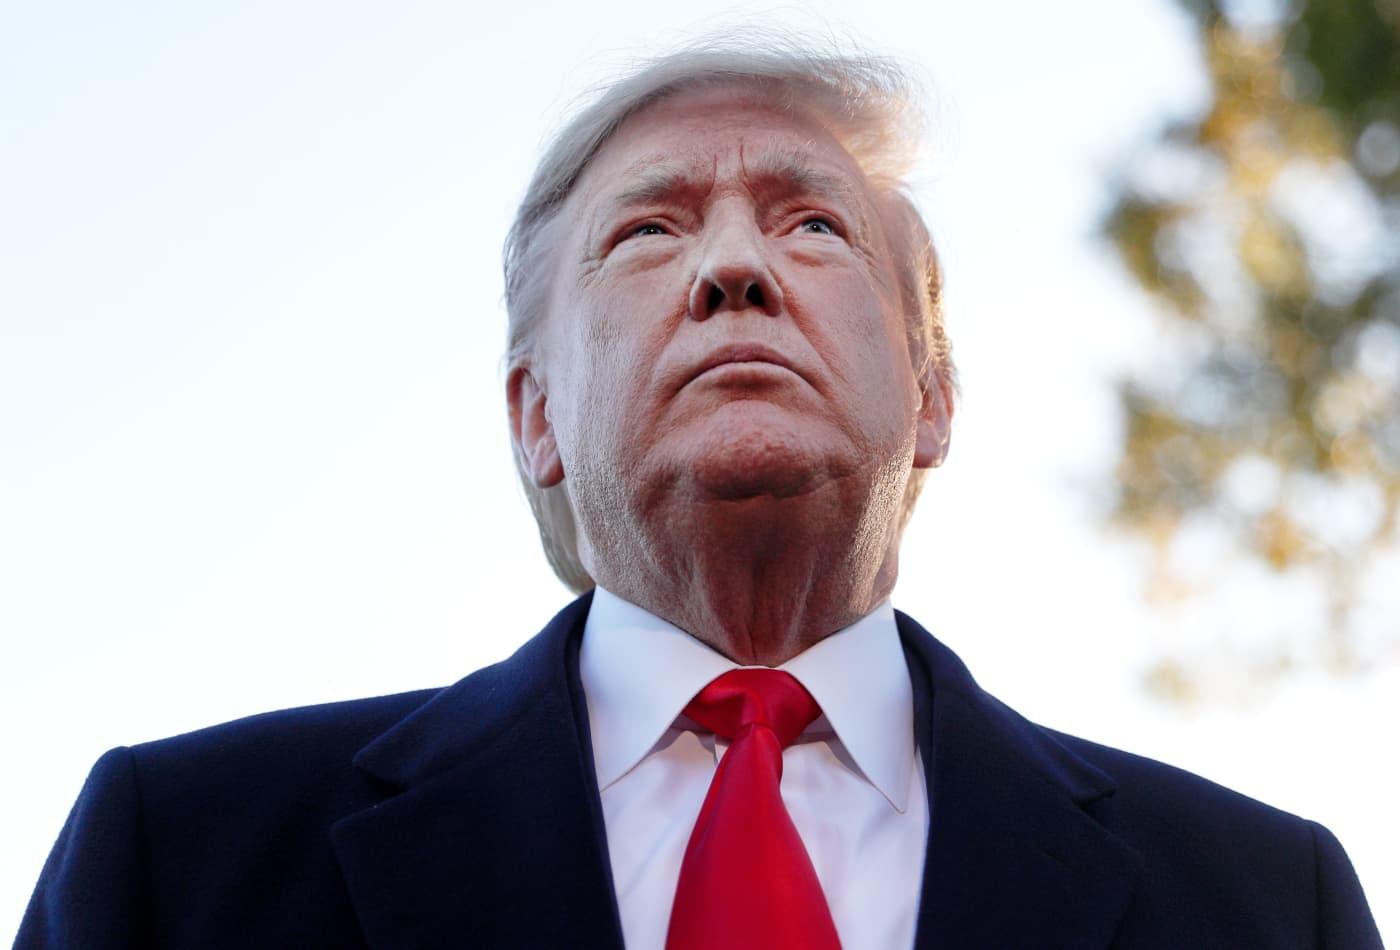 Trump rages at top Republicans even as advisors urge him to focus attacks on Biden, Democrats